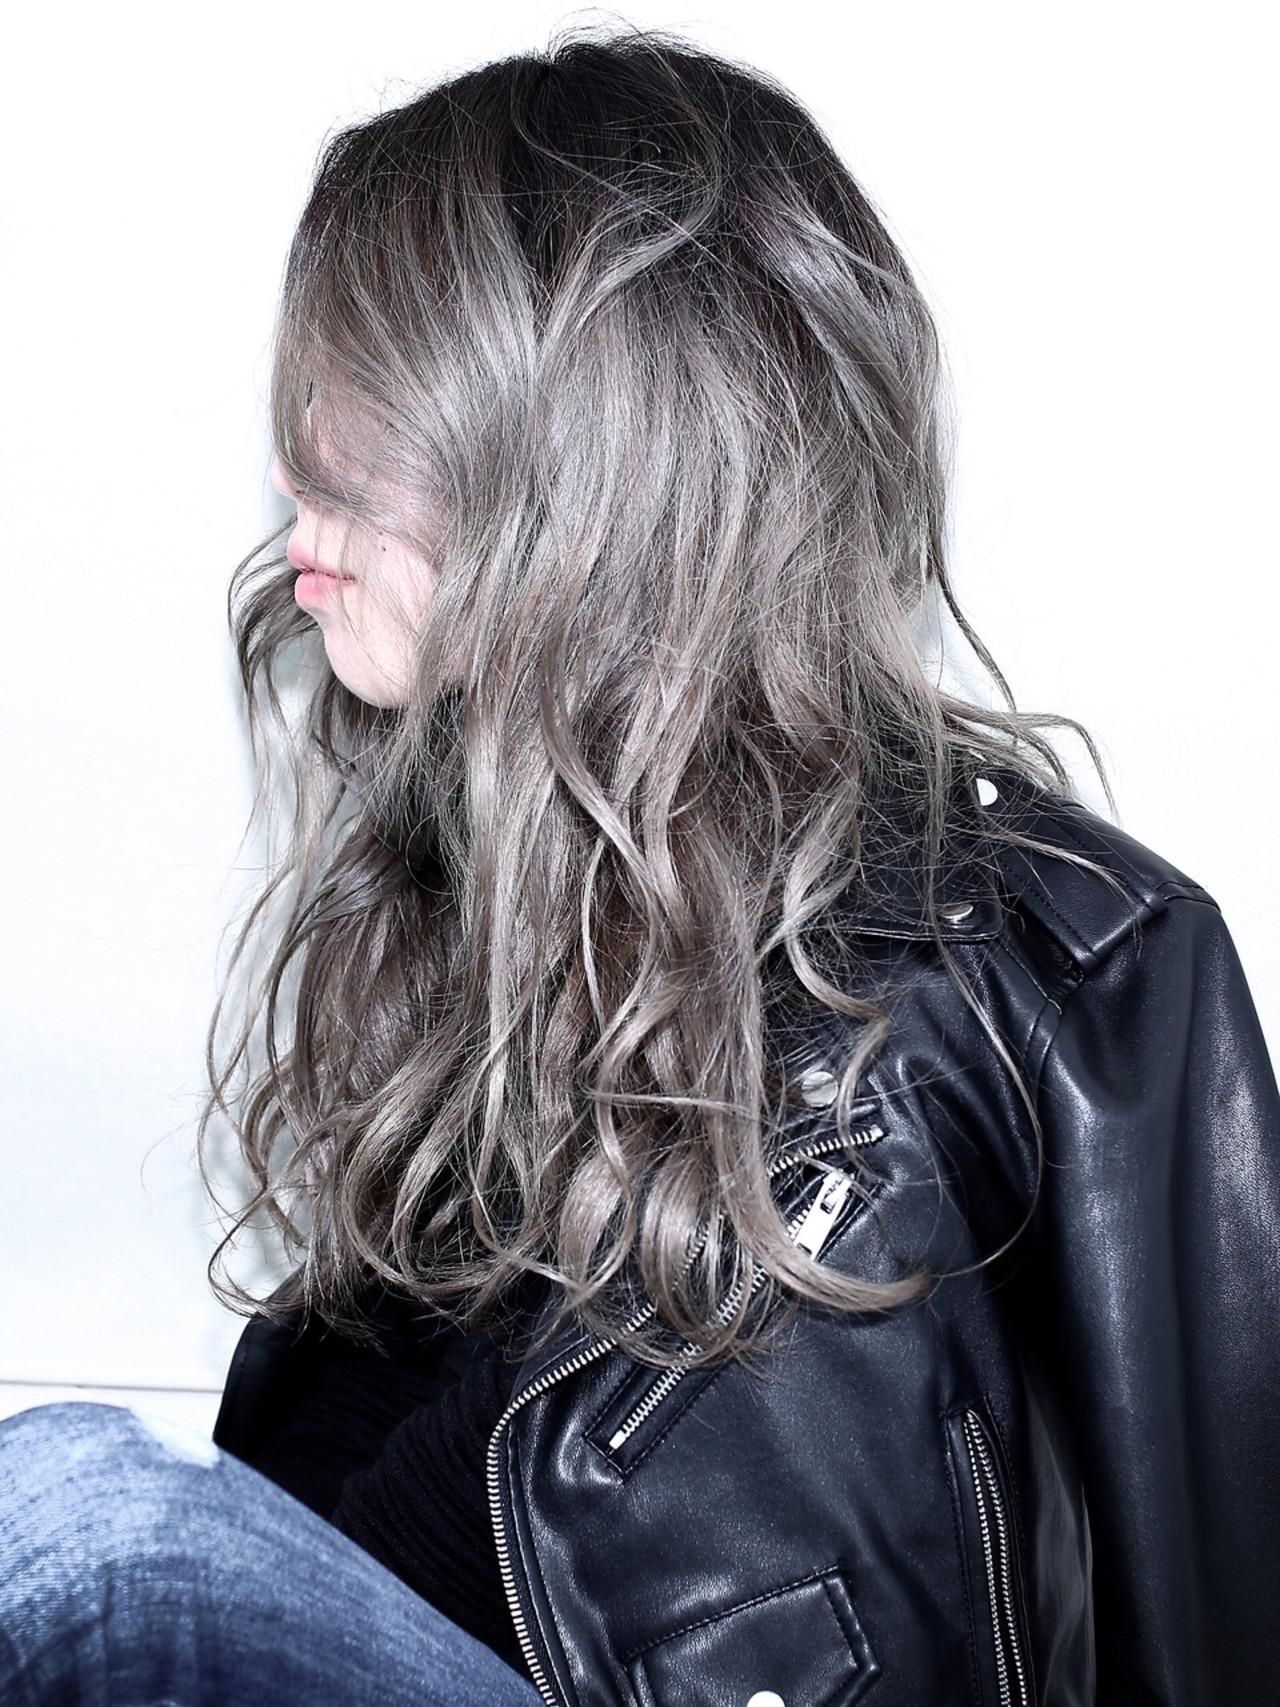 ウェーブ アッシュ ハイライト グラデーションカラー ヘアスタイルや髪型の写真・画像 | 伊藤 裕仁 【 Liv 】 / Liv